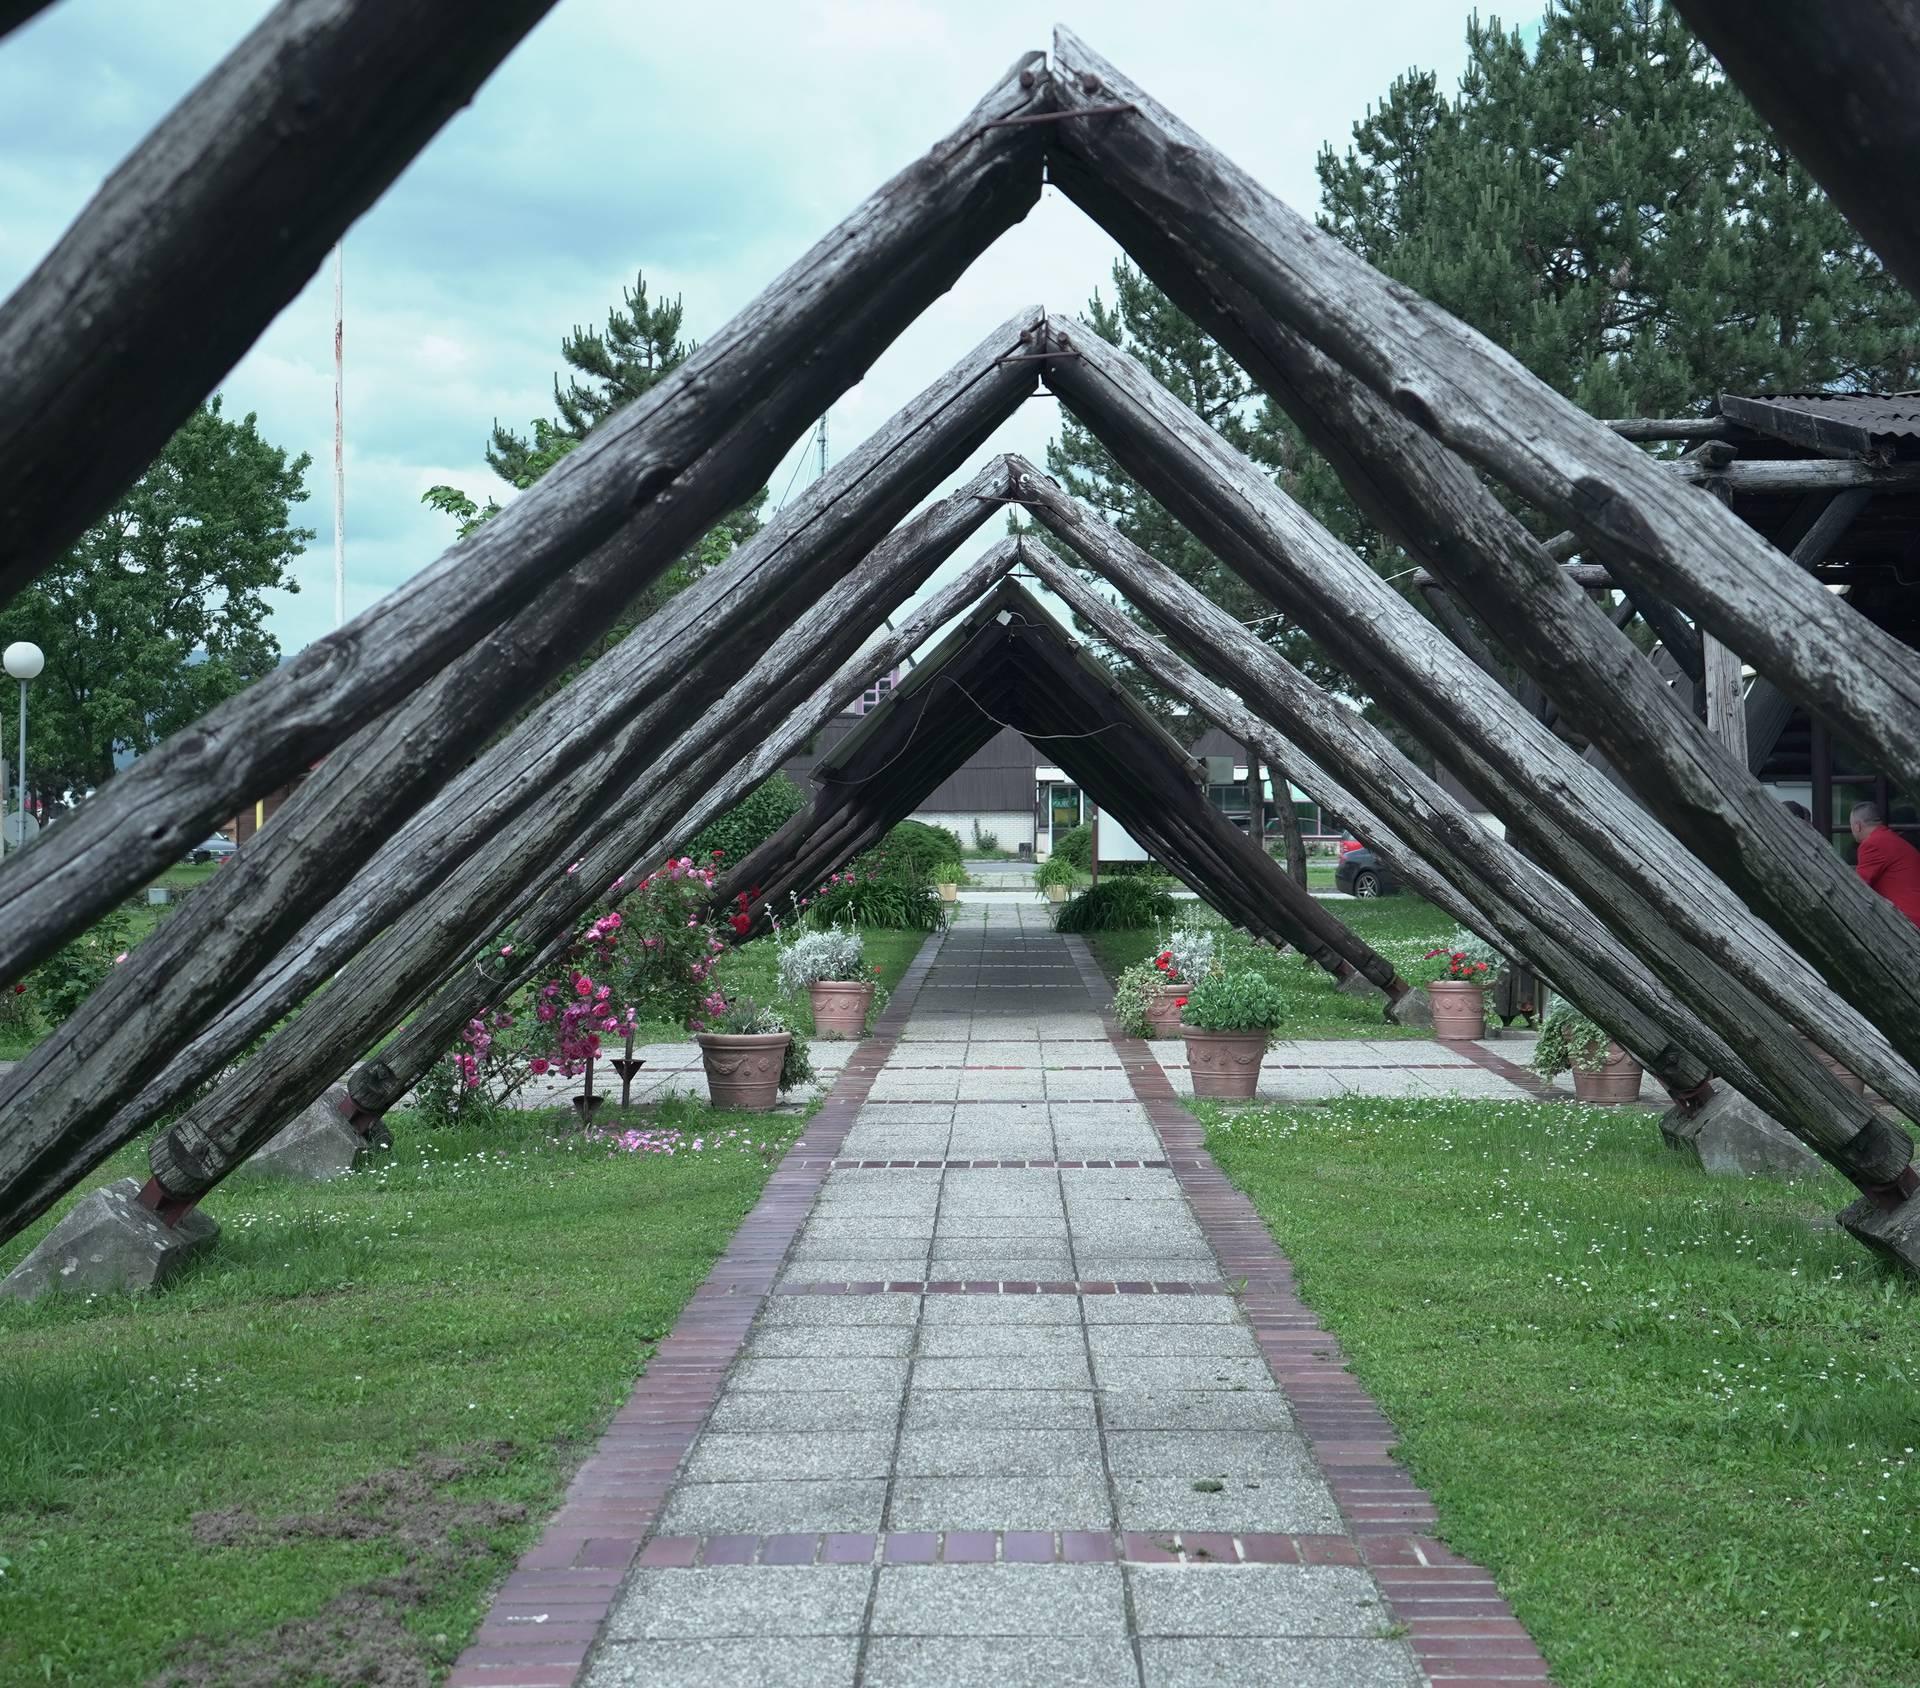 Prekrasna oaza: Dobrodošli u čaroban svijet Plitvičke kuće